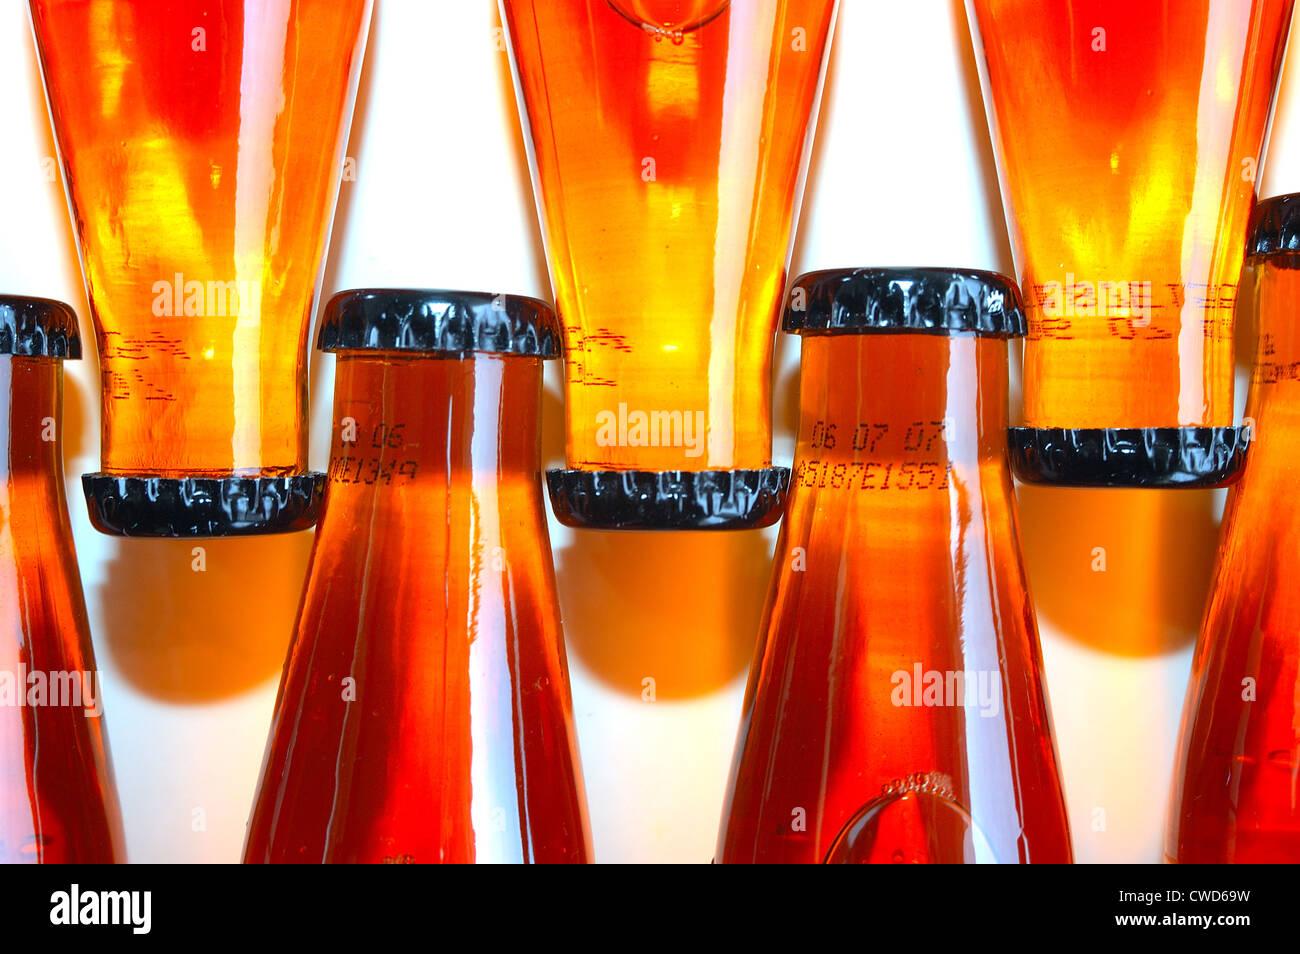 Farben, Formen, Kronenkorken, Flasche Stockbild